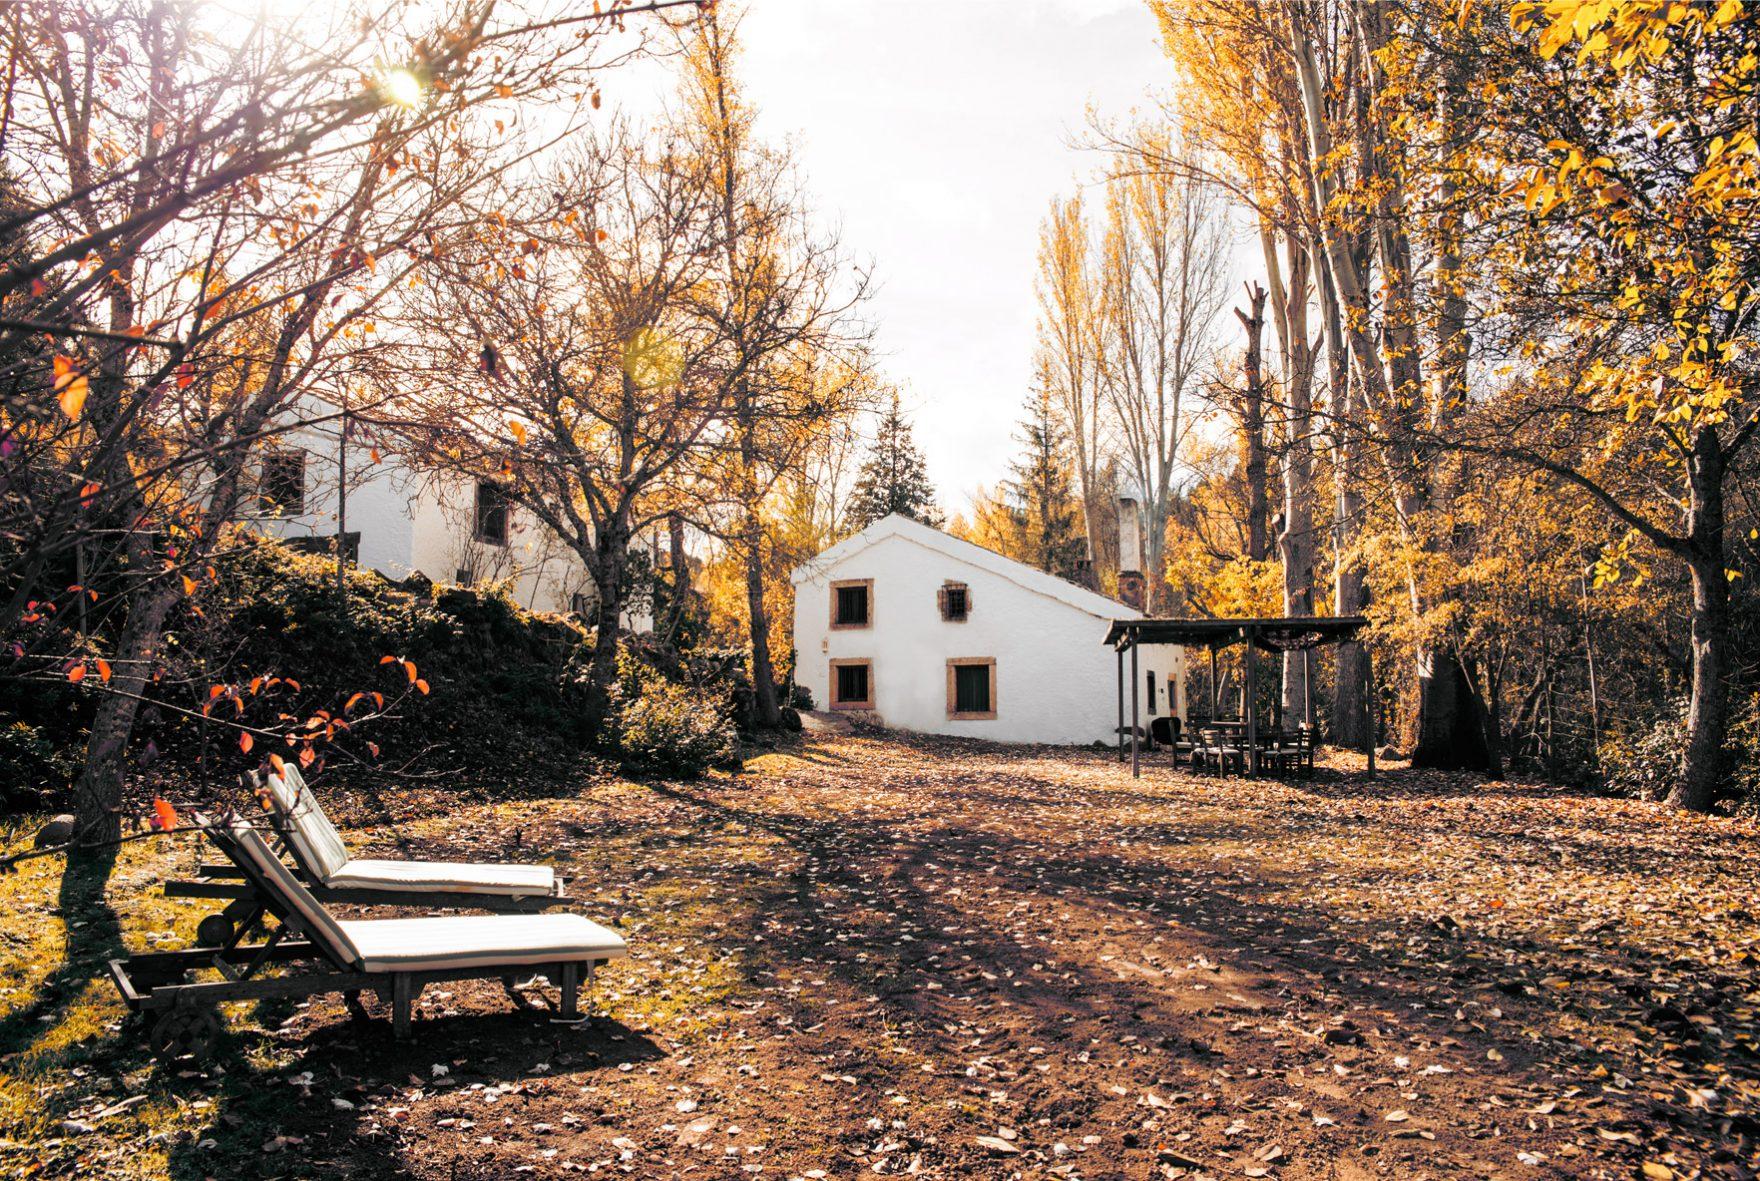 el molino del feo - Where to rest-Sierra de Guadarrama